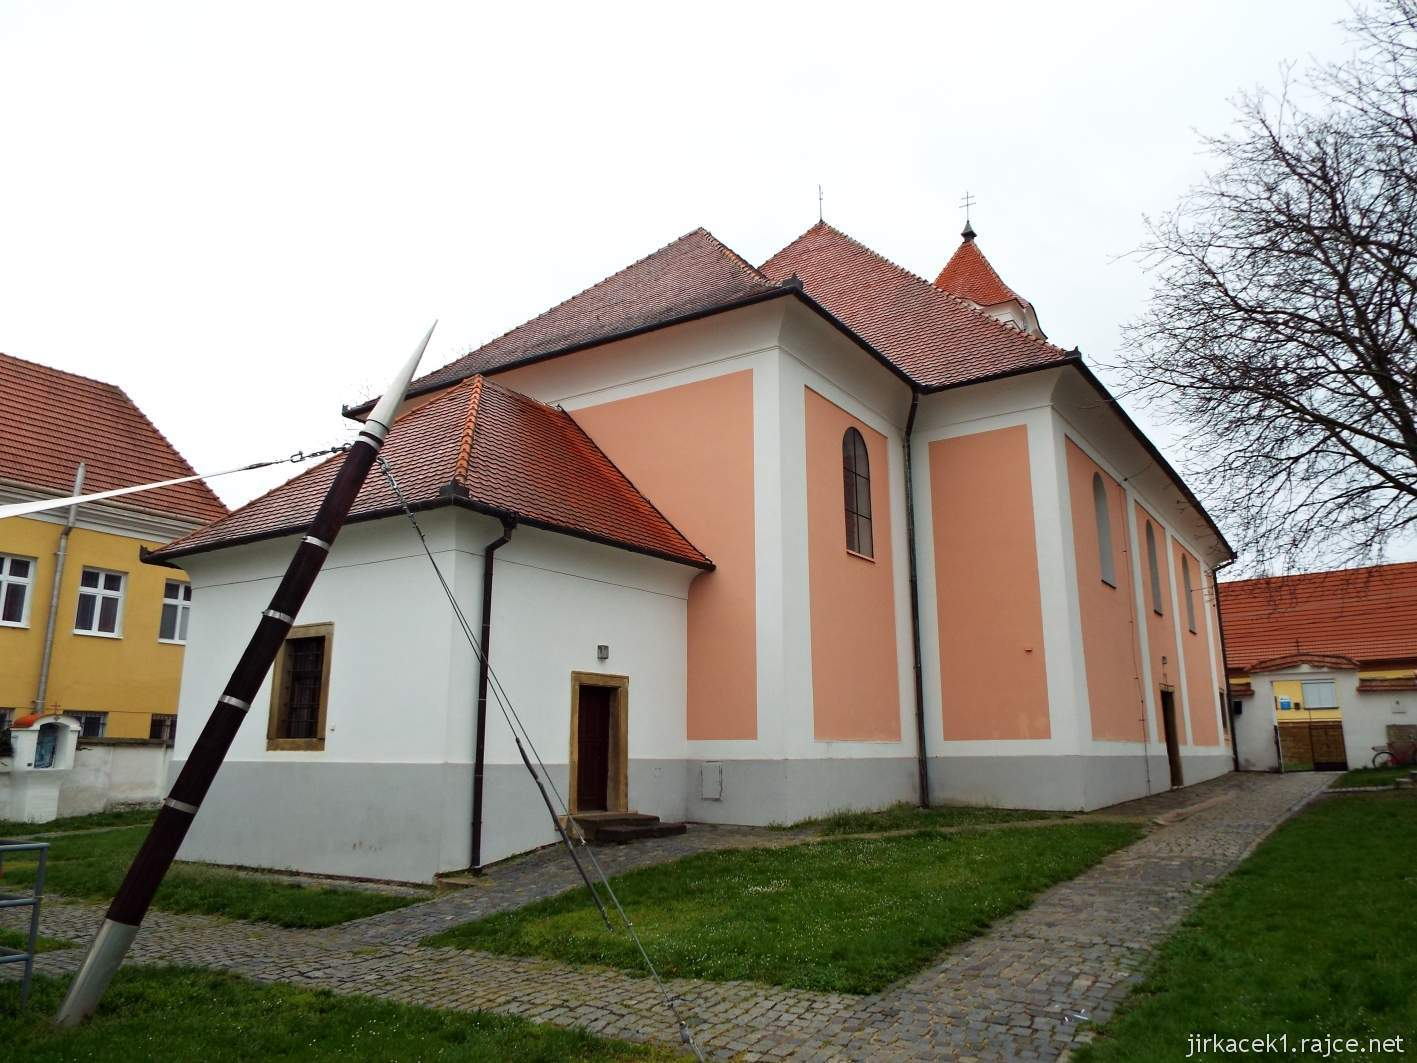 Žarošice - Kostel sv. Anny - zadní část kostela - presbyterium